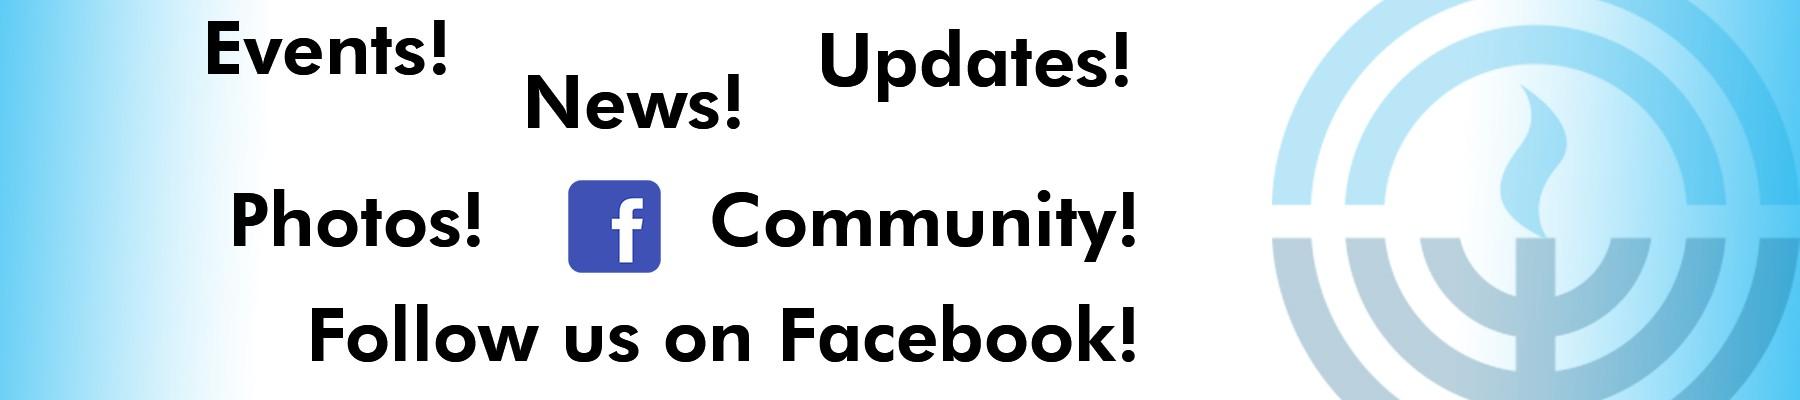 Jewish-Federation-Greater-Harrisburg-Facebook-Slider-1800-x-400.jpg